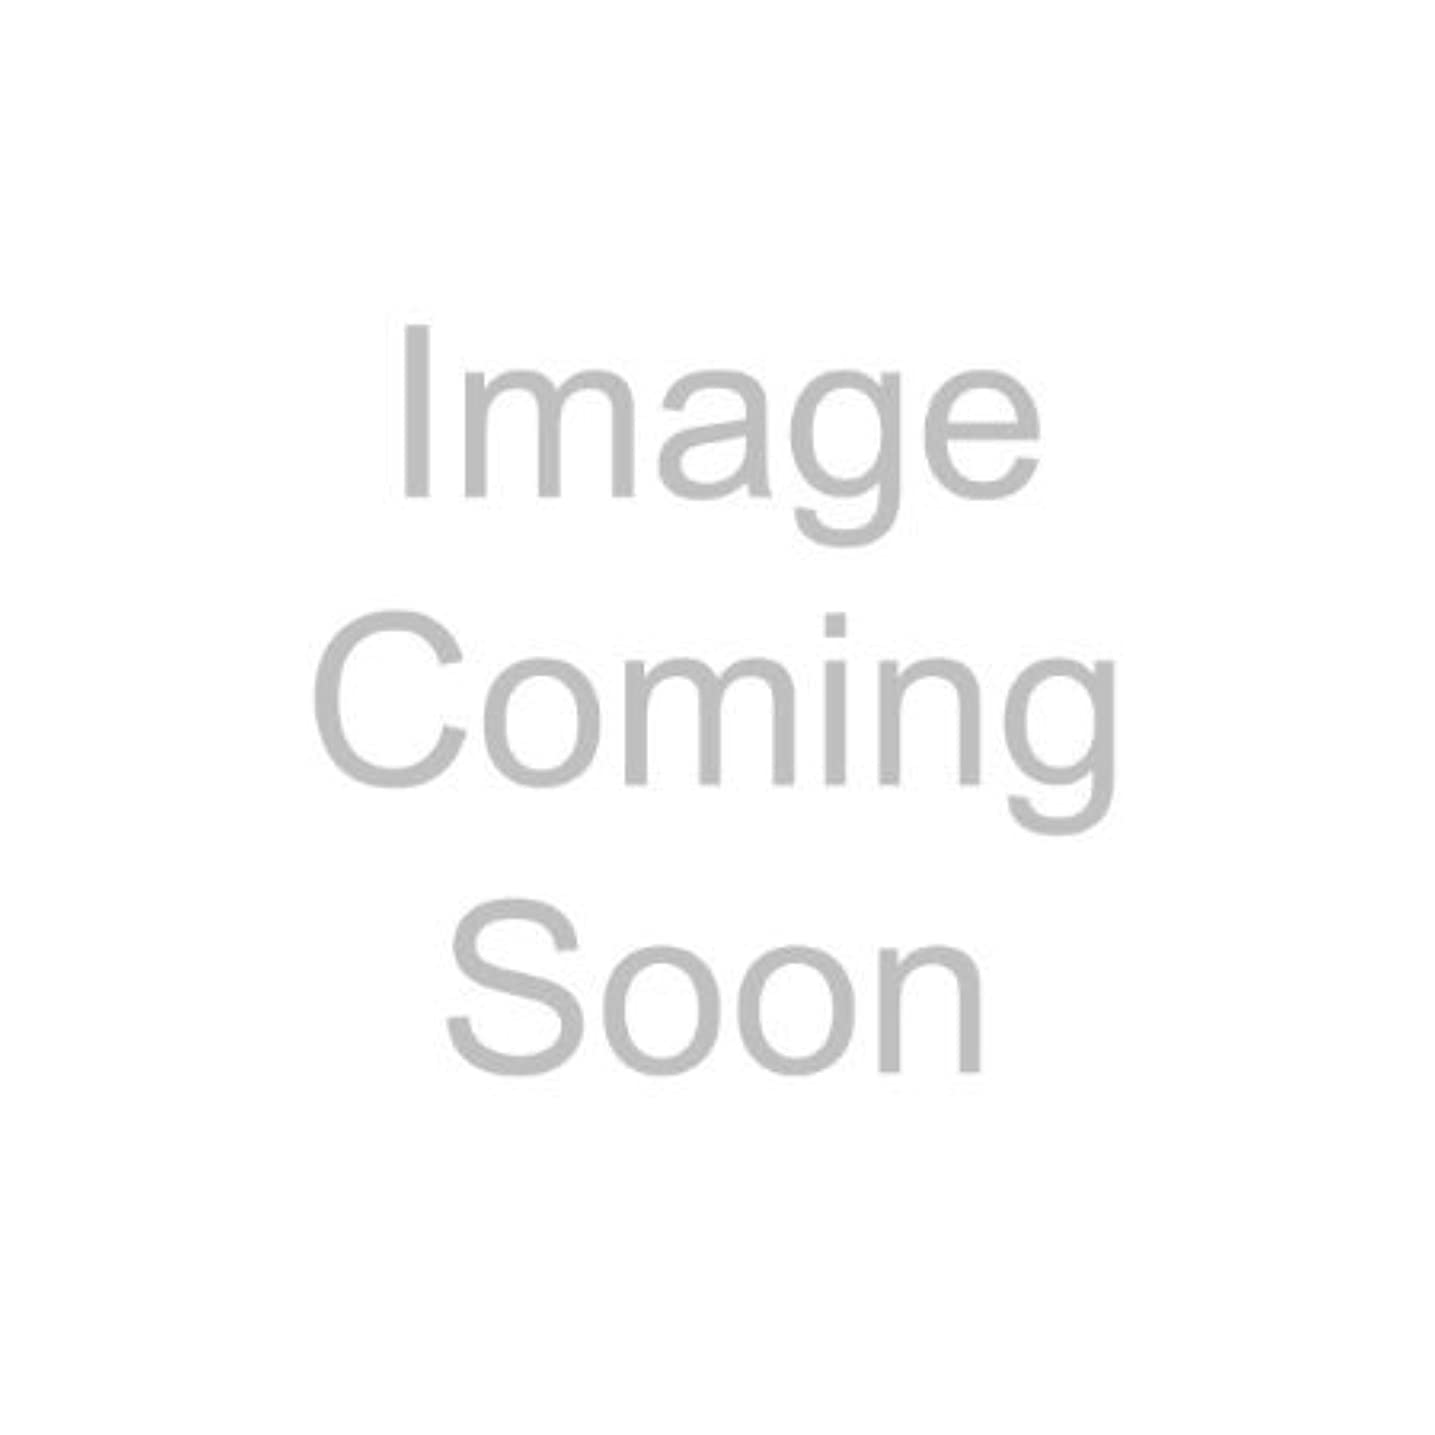 道路フォーラムマトンエリザベスアーデン ビジブル ホワイトニング メラニン コントロール ナイトカプセル トラベルセット 17.2mlx3(37カプセルx3) [並行輸入品]